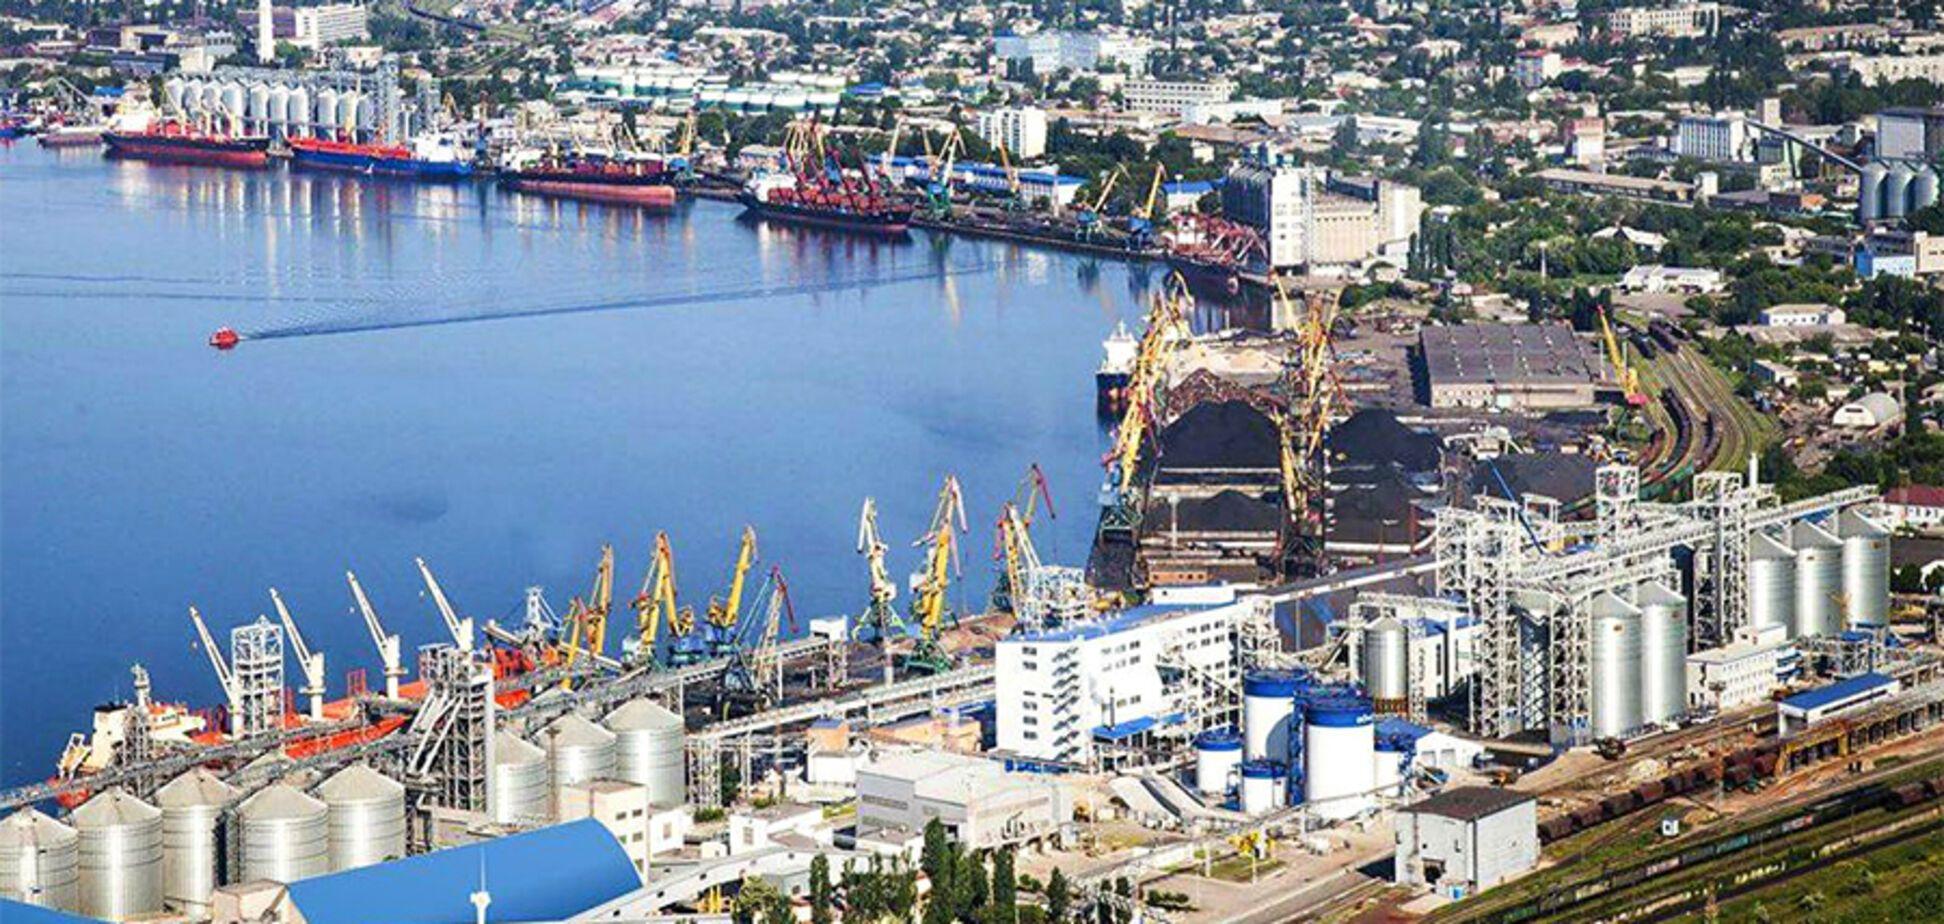 Порт 'Южный' закупает электроэнергию у зятя Злочевского по завышенной цене – СМИ